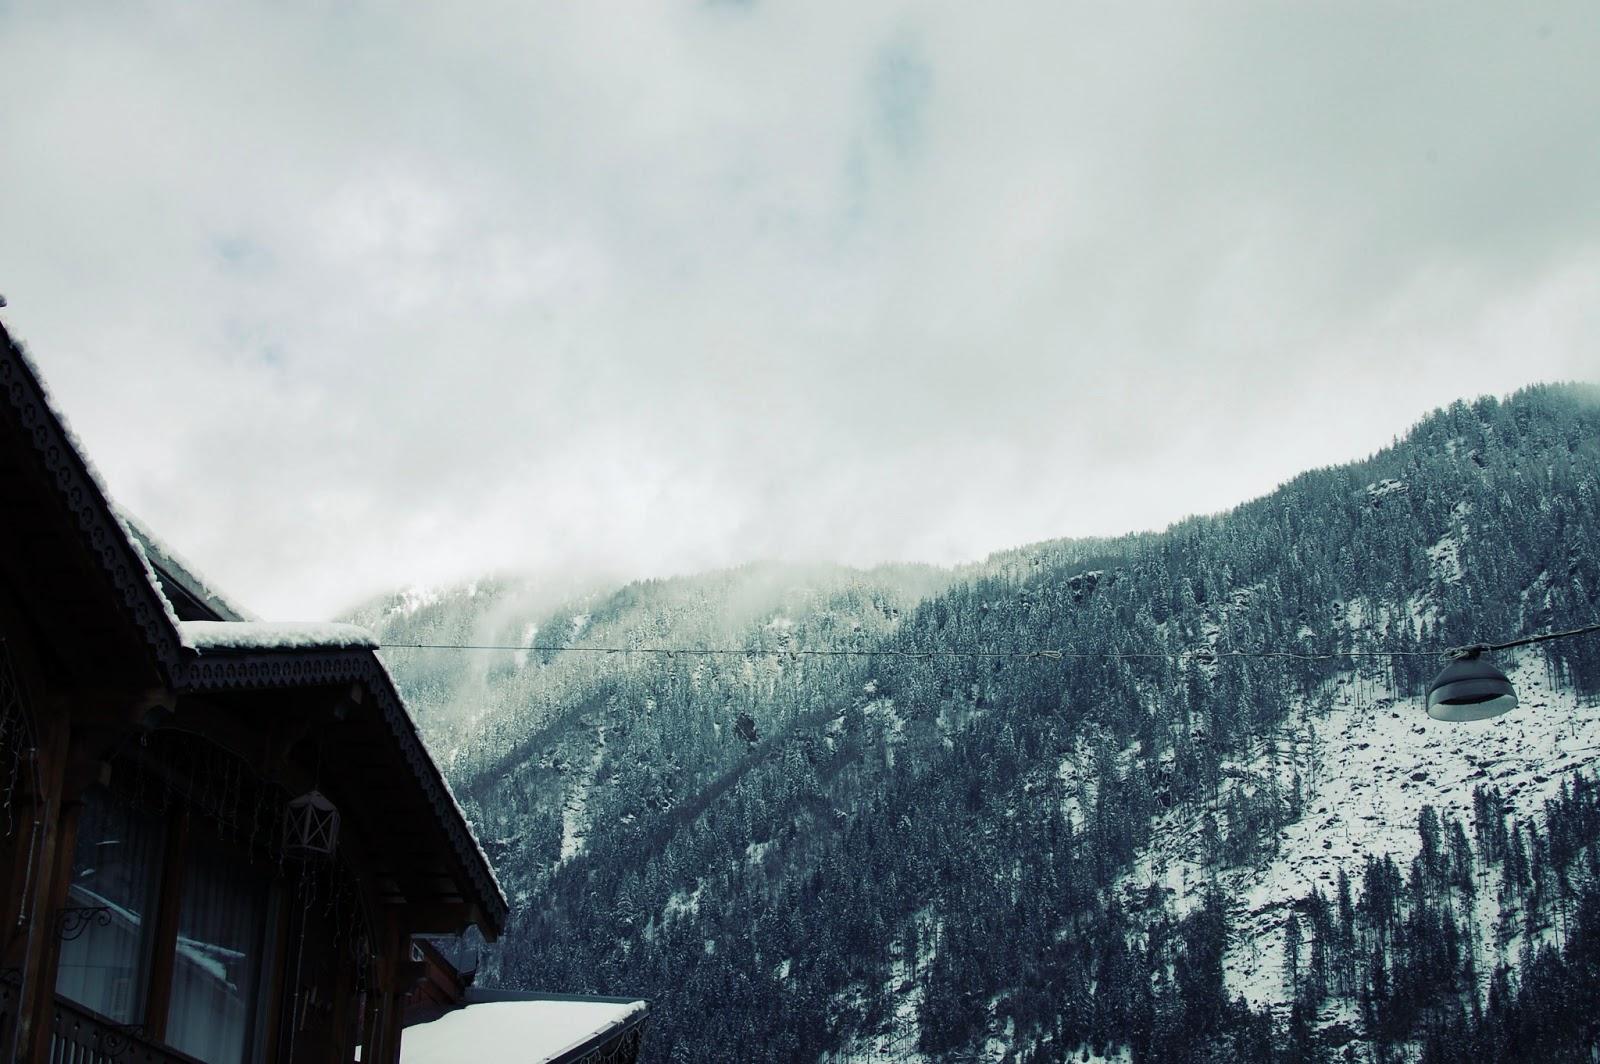 chamonix-nature-hiver-centre-ville-neige-alpes-mont-blanc-haute-savoie-salon-thé-le-grand-café-chamonix-brasserie-bar-batiment-rose